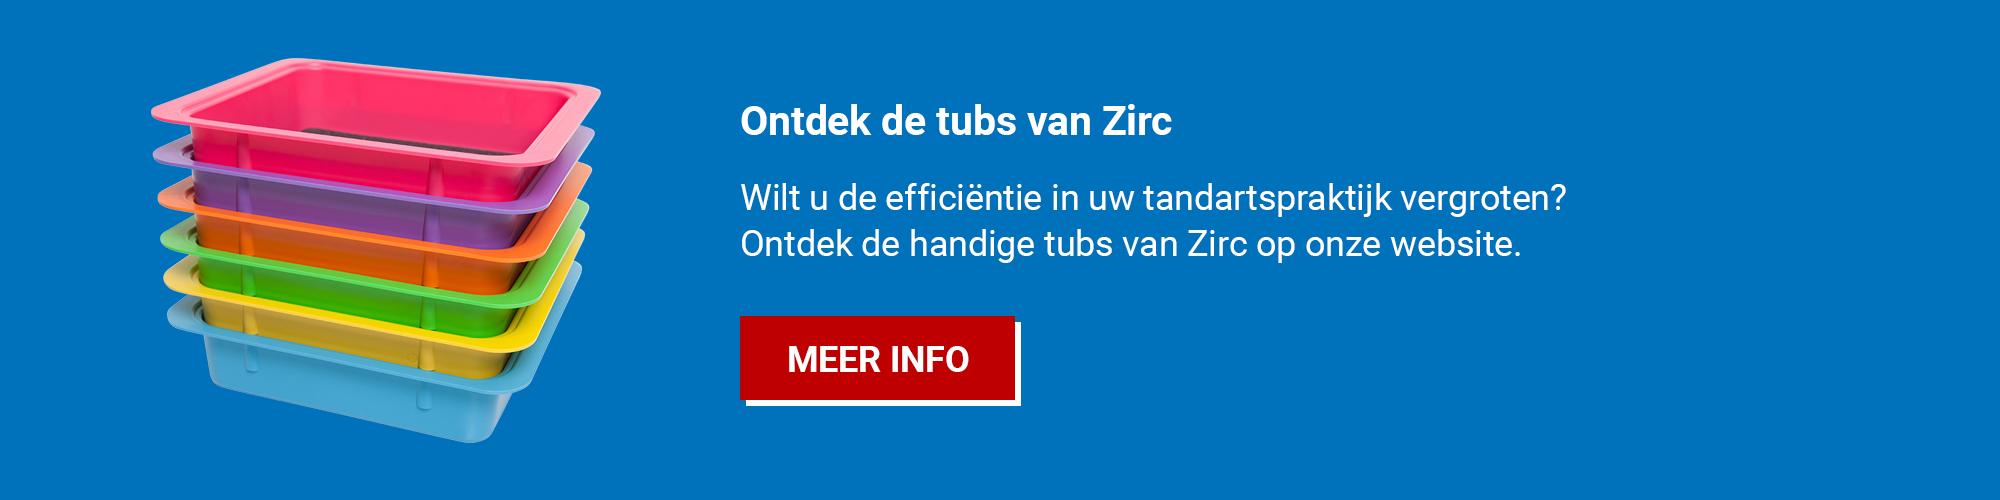 Ontdek de tubs van Zirc